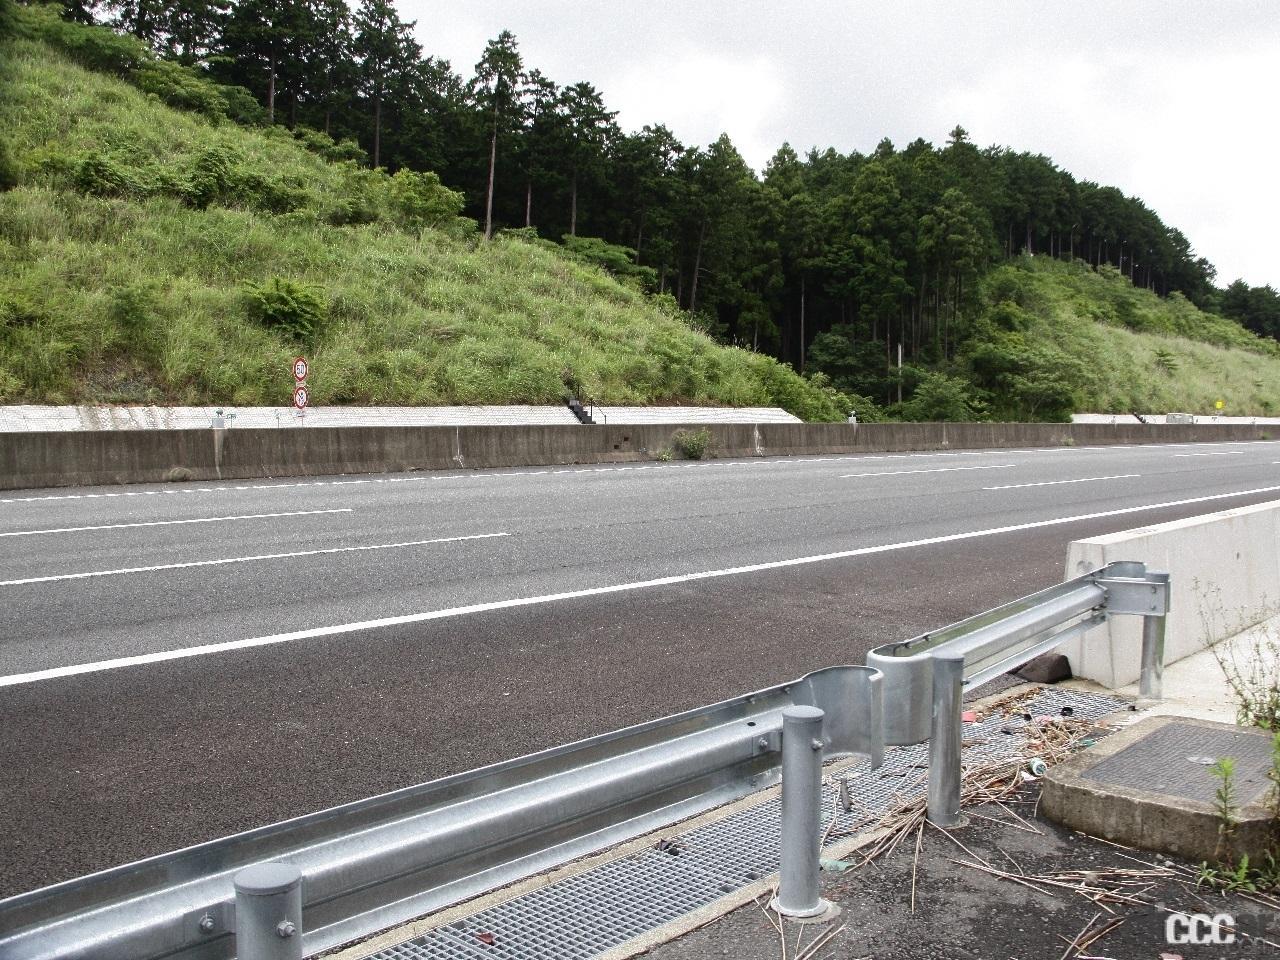 「日本の高速道路はたった4つ? 高速道路と自動車専用道路は違っていた!」の3枚目の画像